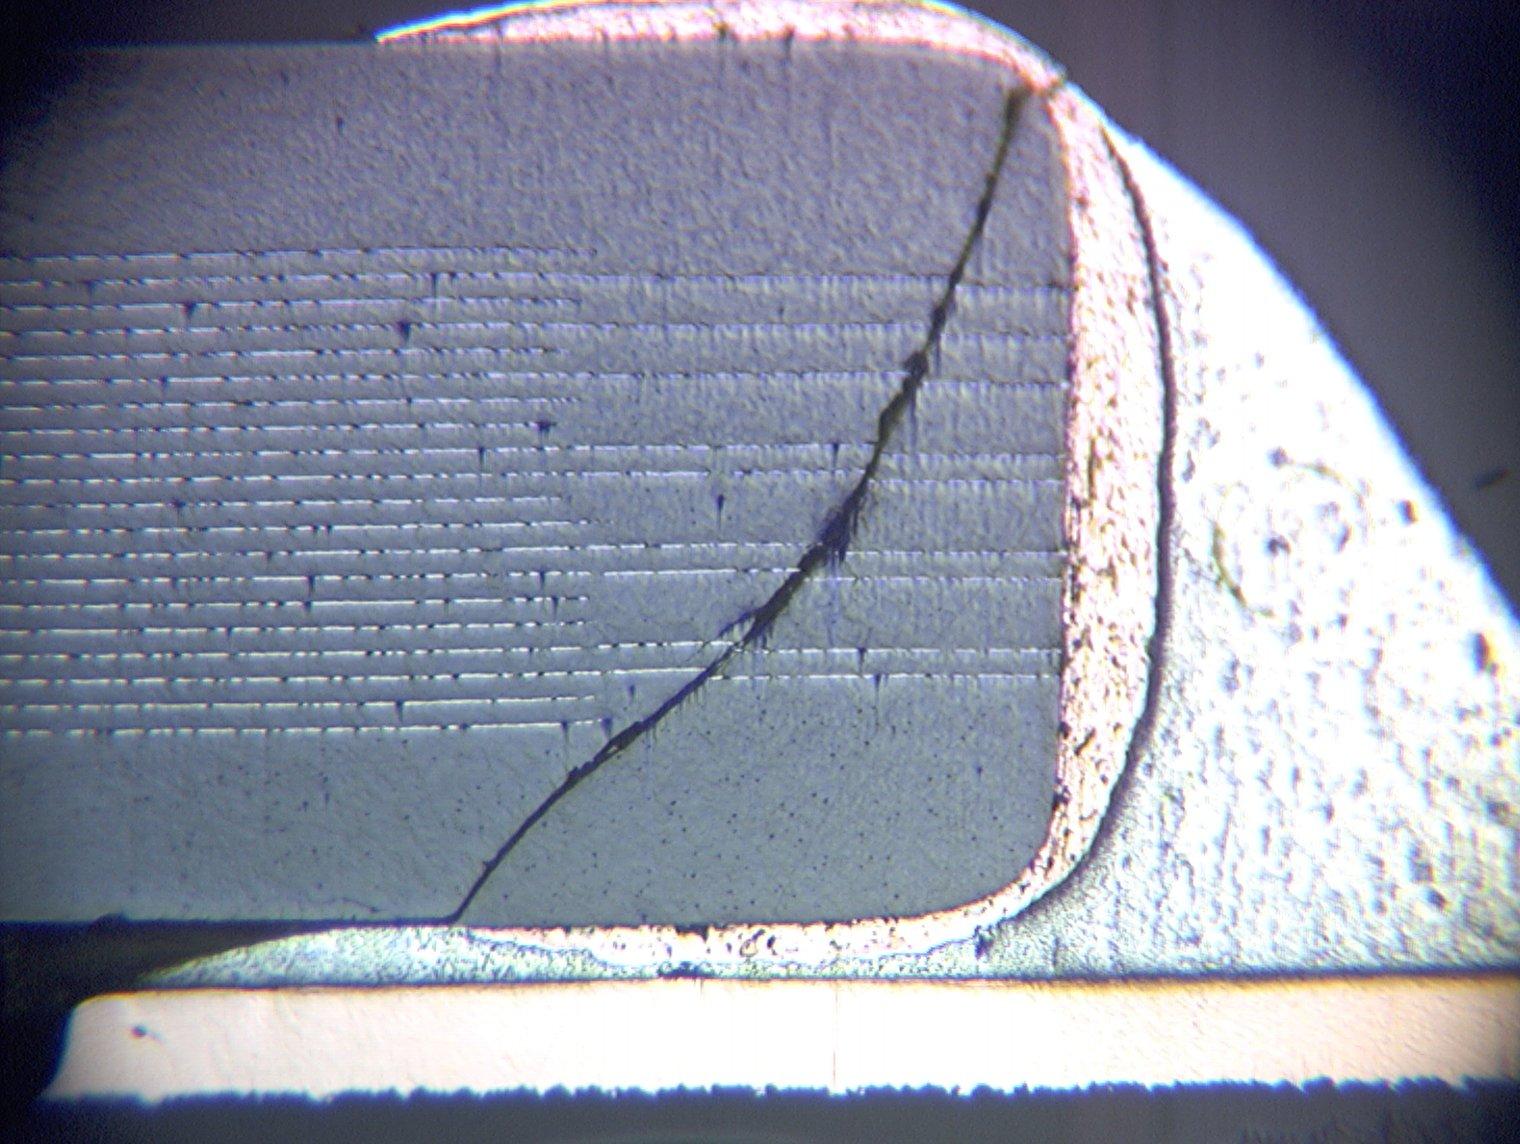 Ceramic capacitor cracking